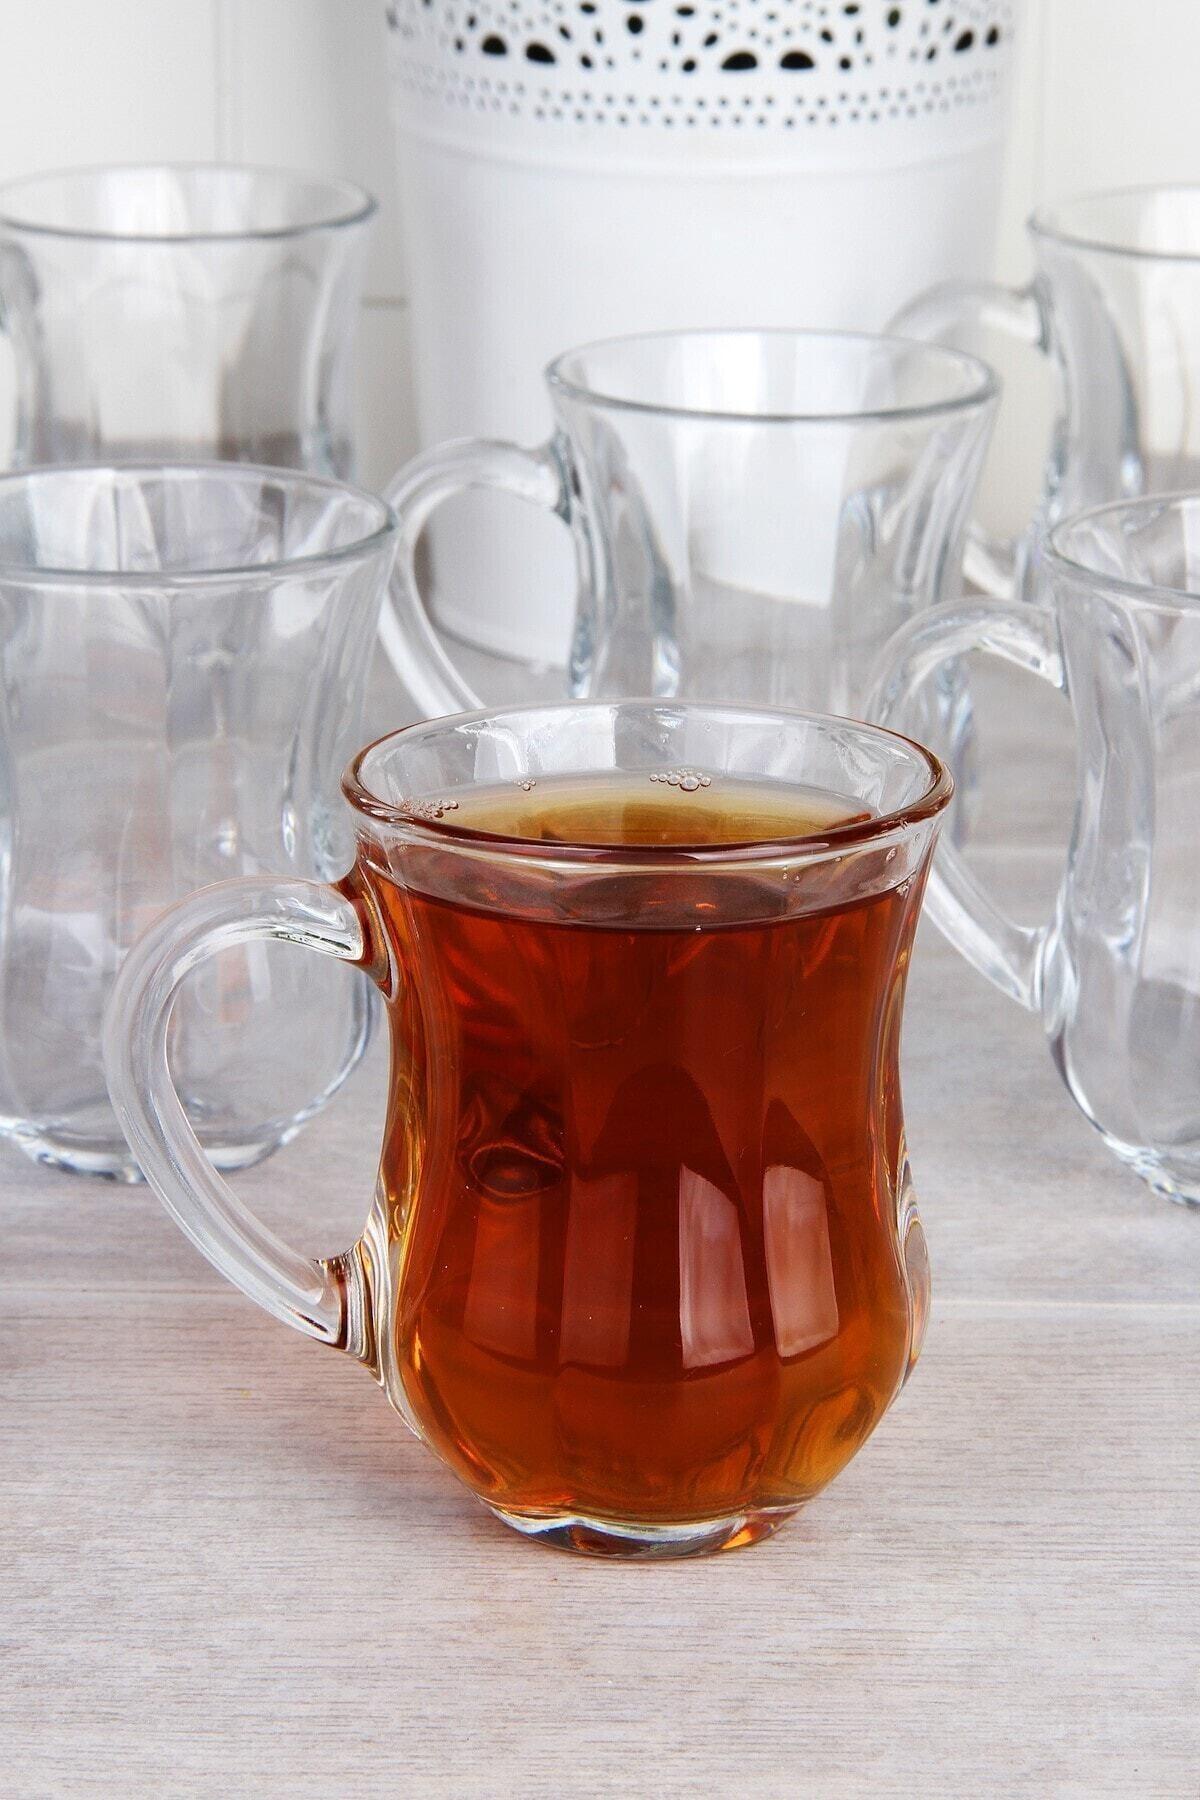 LA VİTA BUONE 6'lı Kulplu Çay Bardağı 1